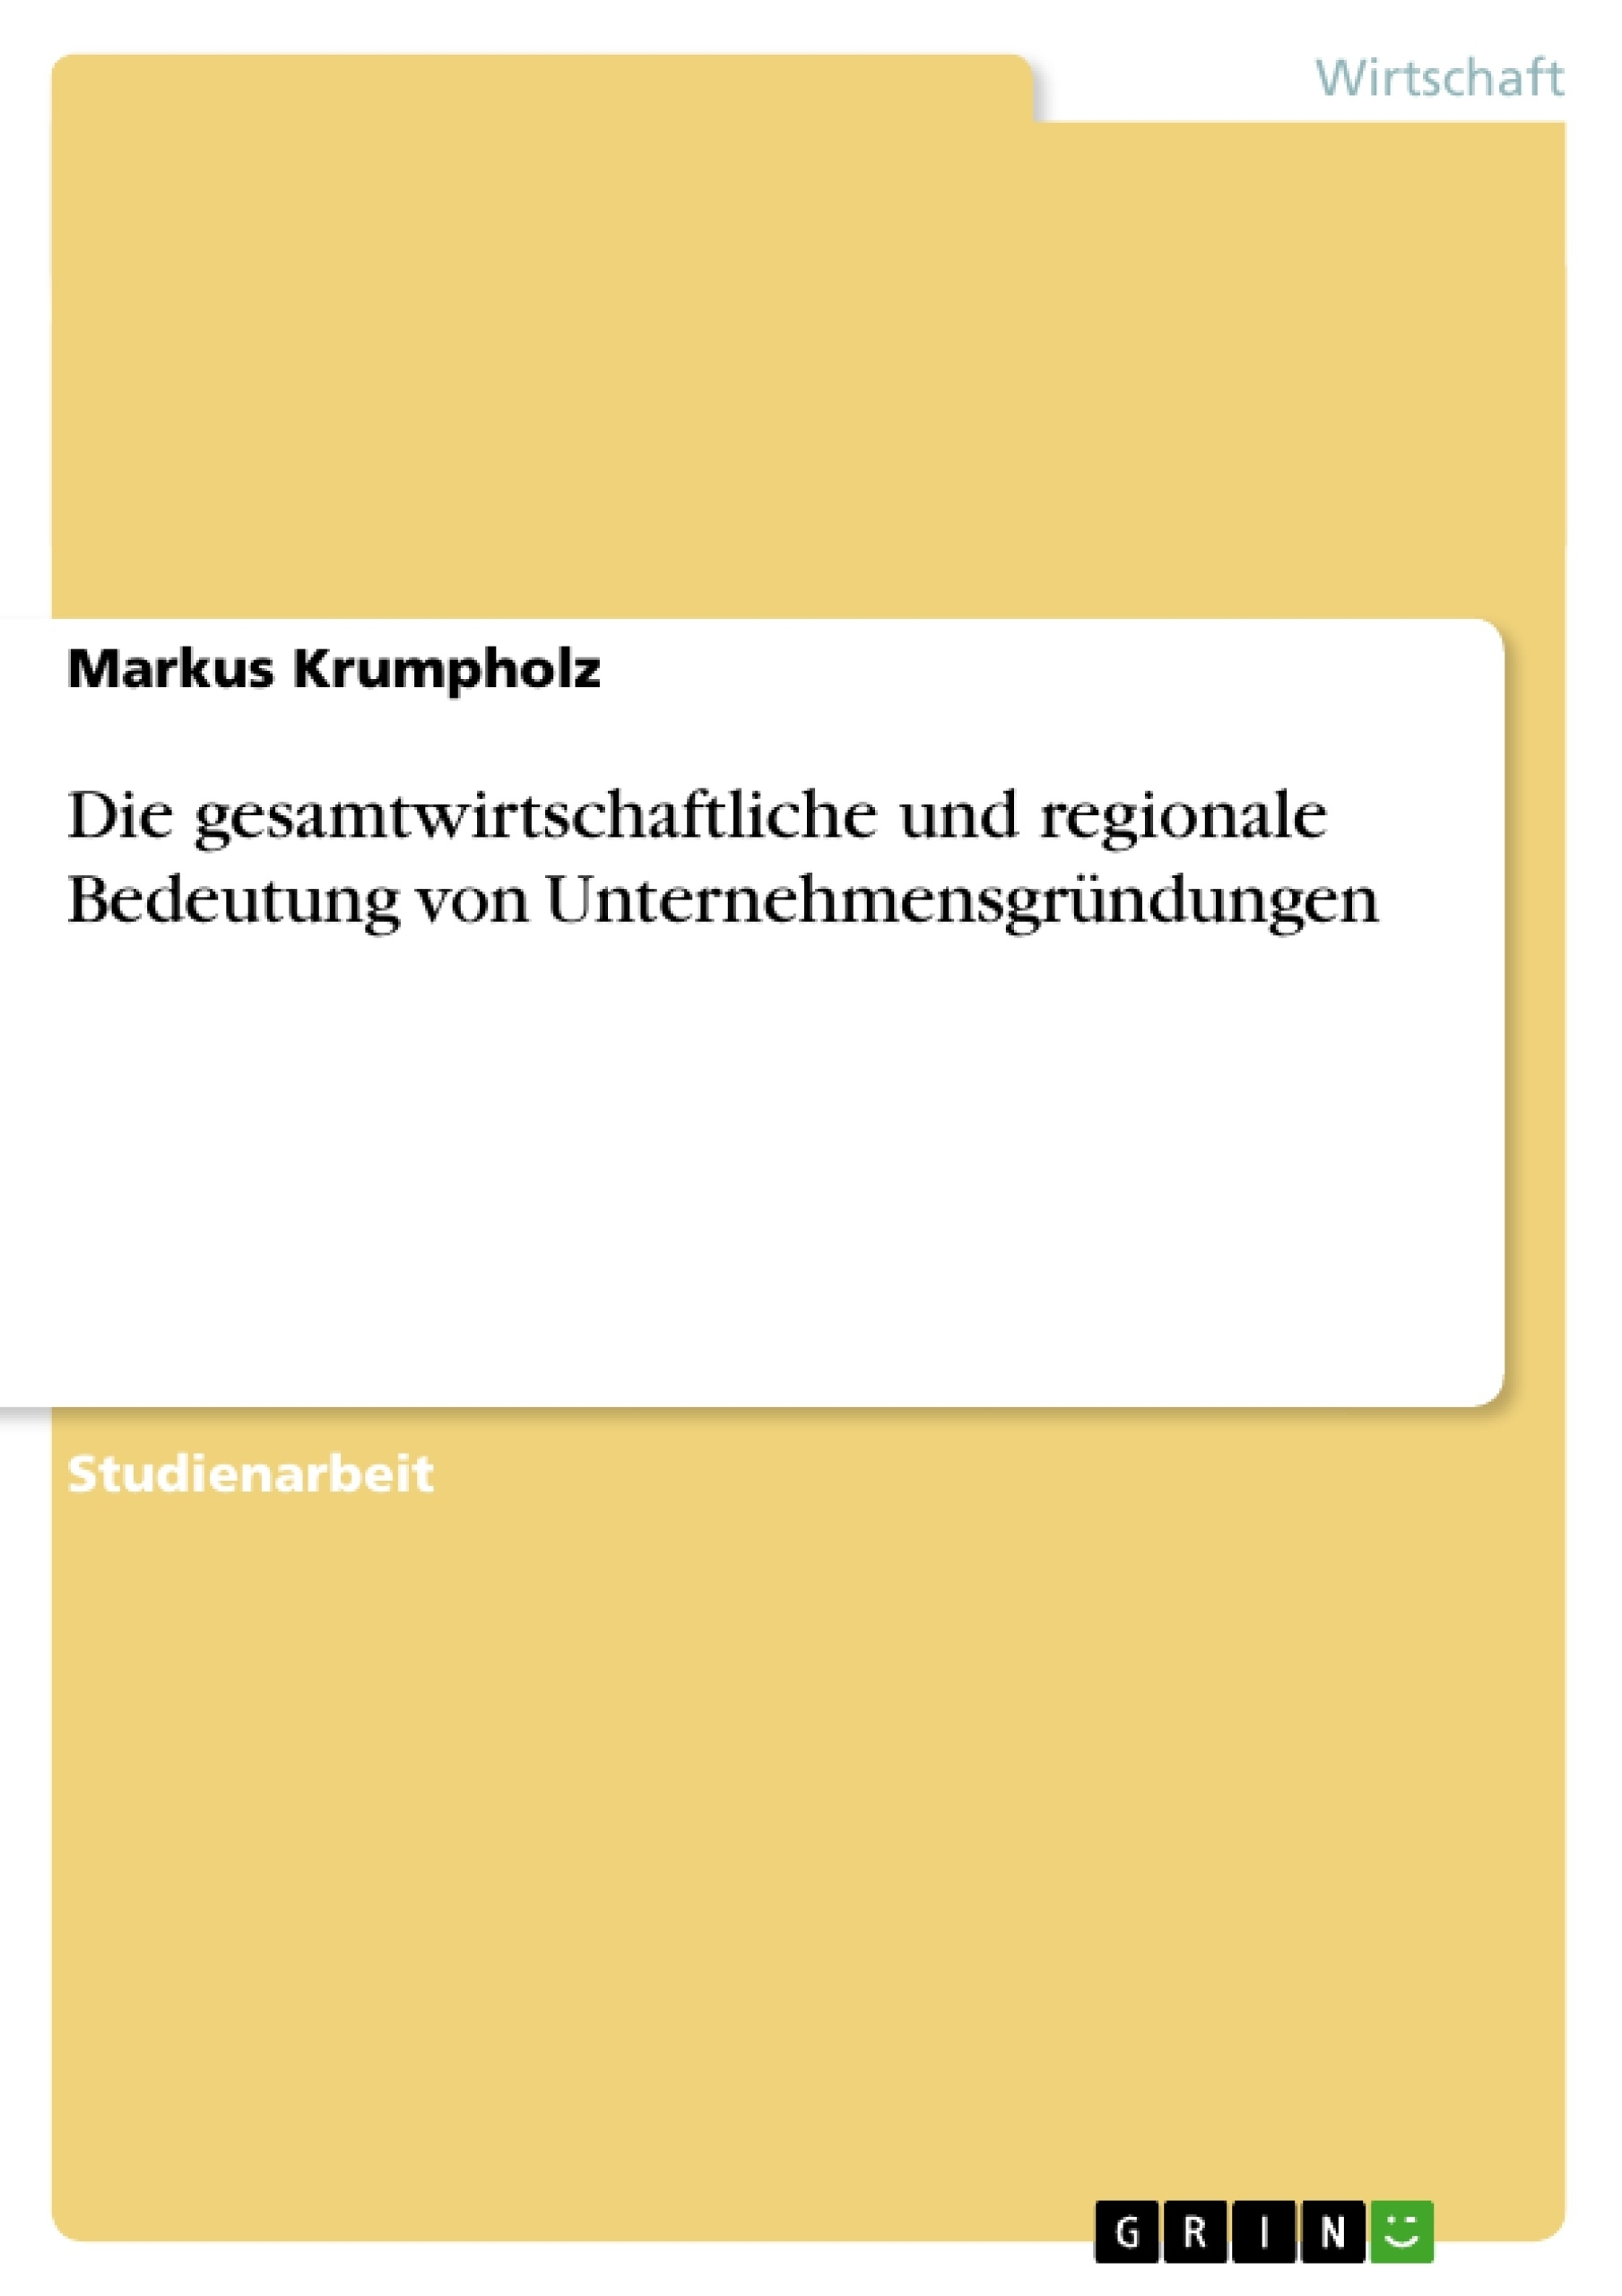 Titel: Die gesamtwirtschaftliche und regionale Bedeutung von Unternehmensgründungen